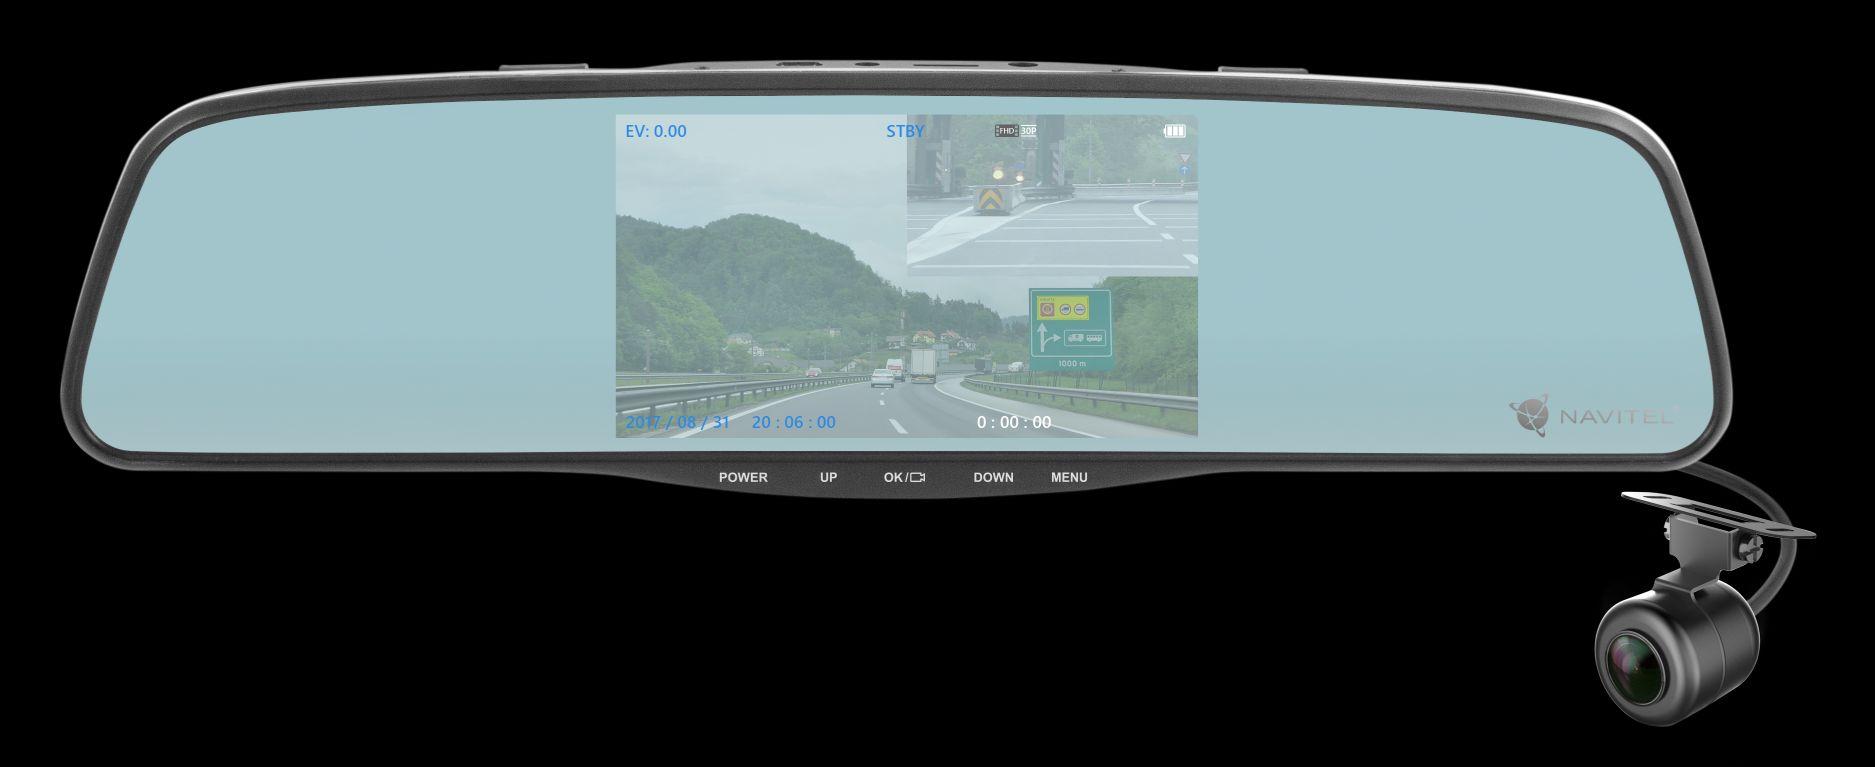 NAVITEL MR250 - lusterko wsteczne, wideorejestrator i kamera cofania w jednym już do kupienia w Polsce 21